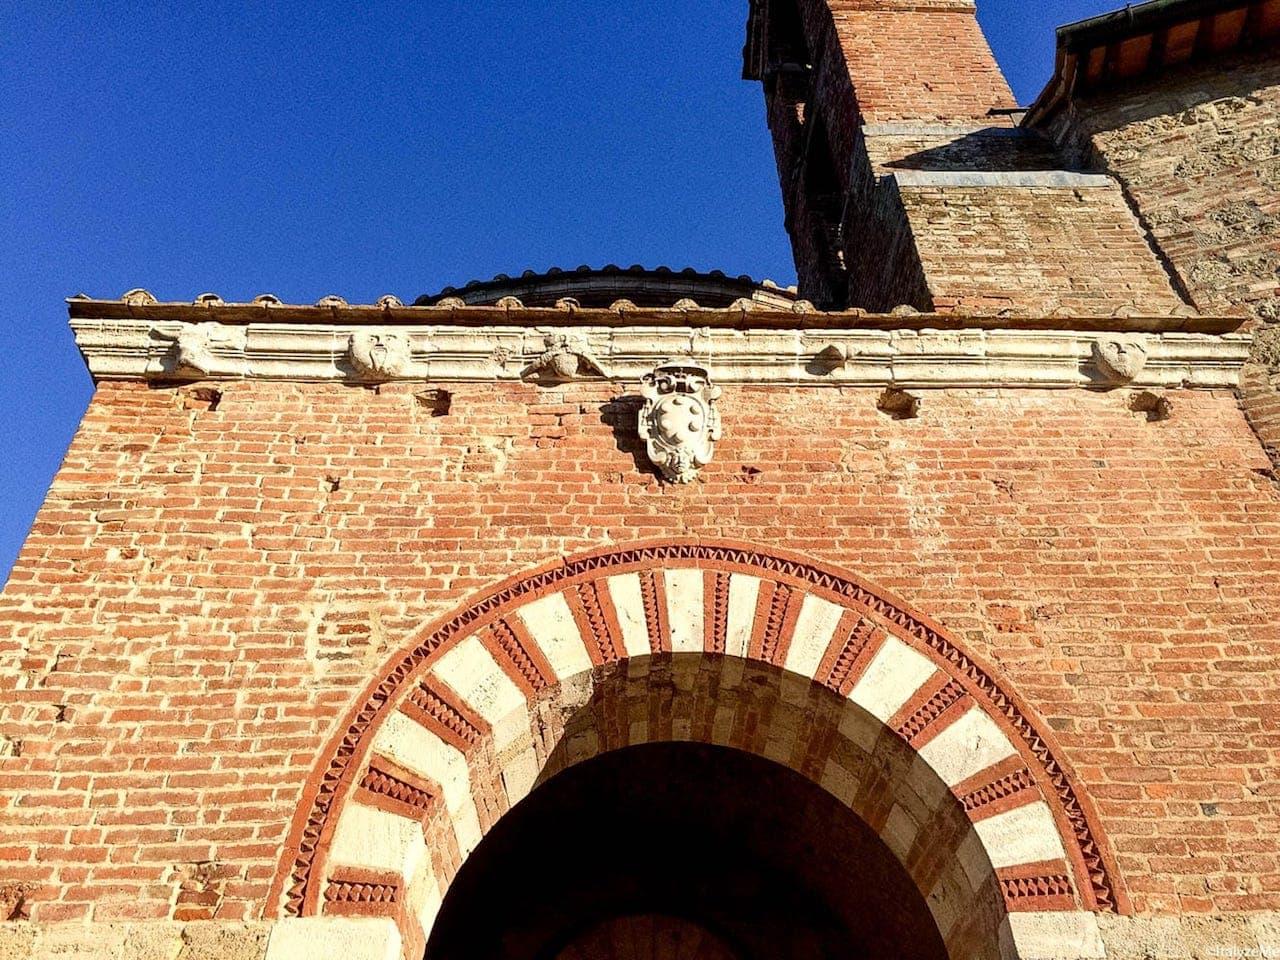 """L'ingresso all'Eremo di Montesiepi, con le figure antropomorfe """"a guardia"""" dell'ingresso"""